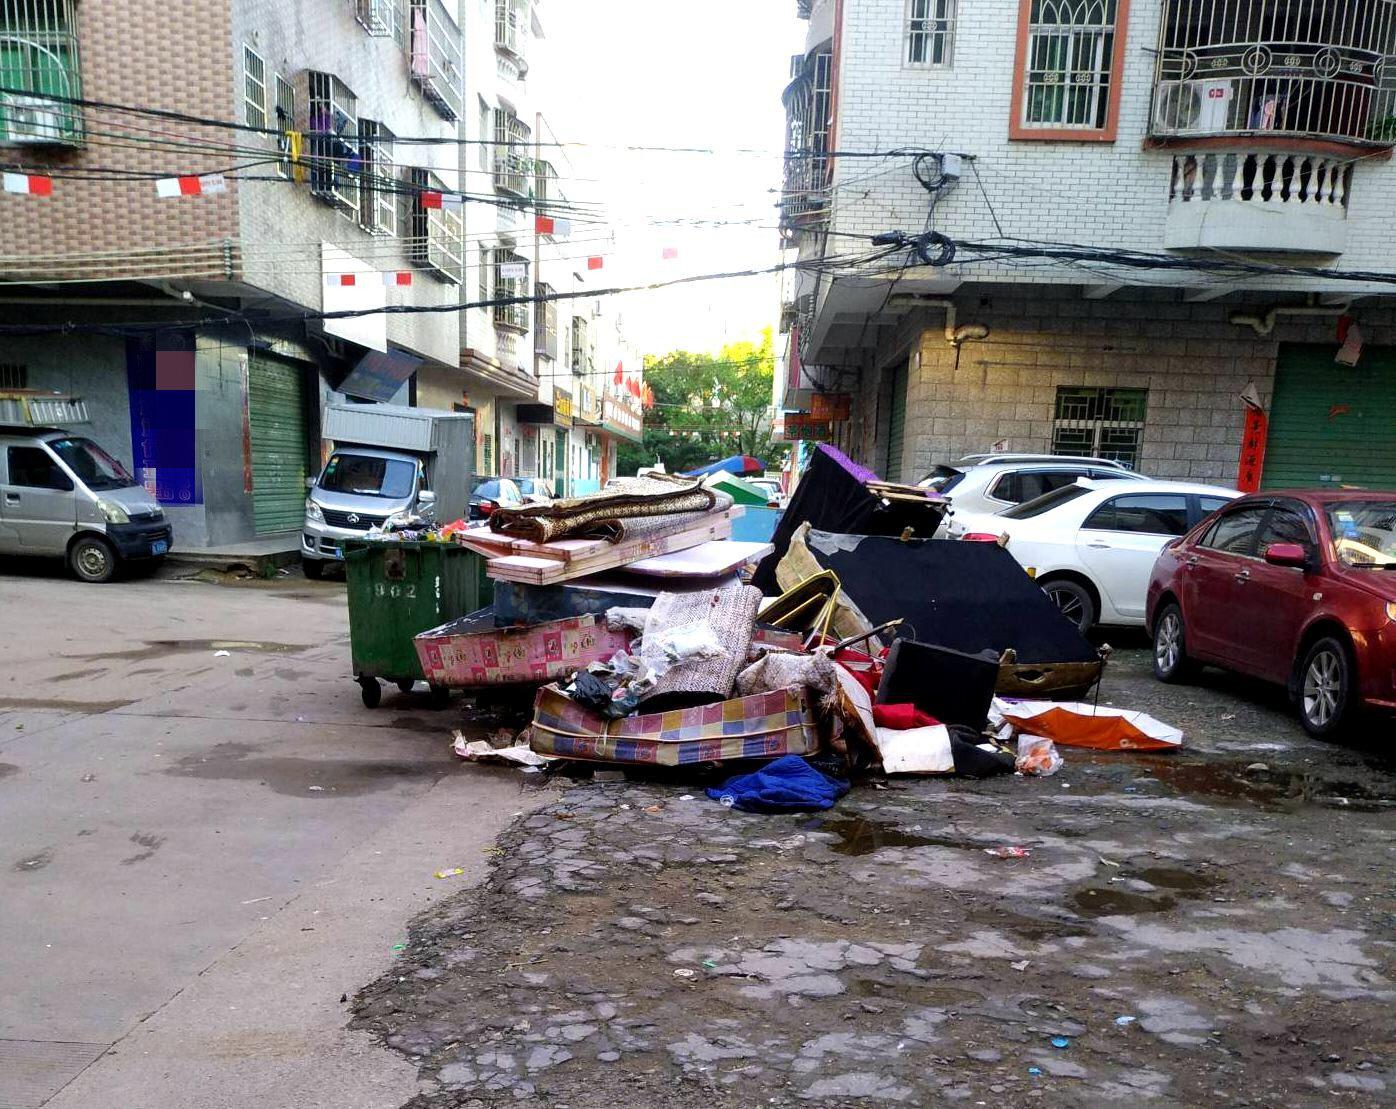 摆在路边的垃圾堆,现在都没有人来清理了